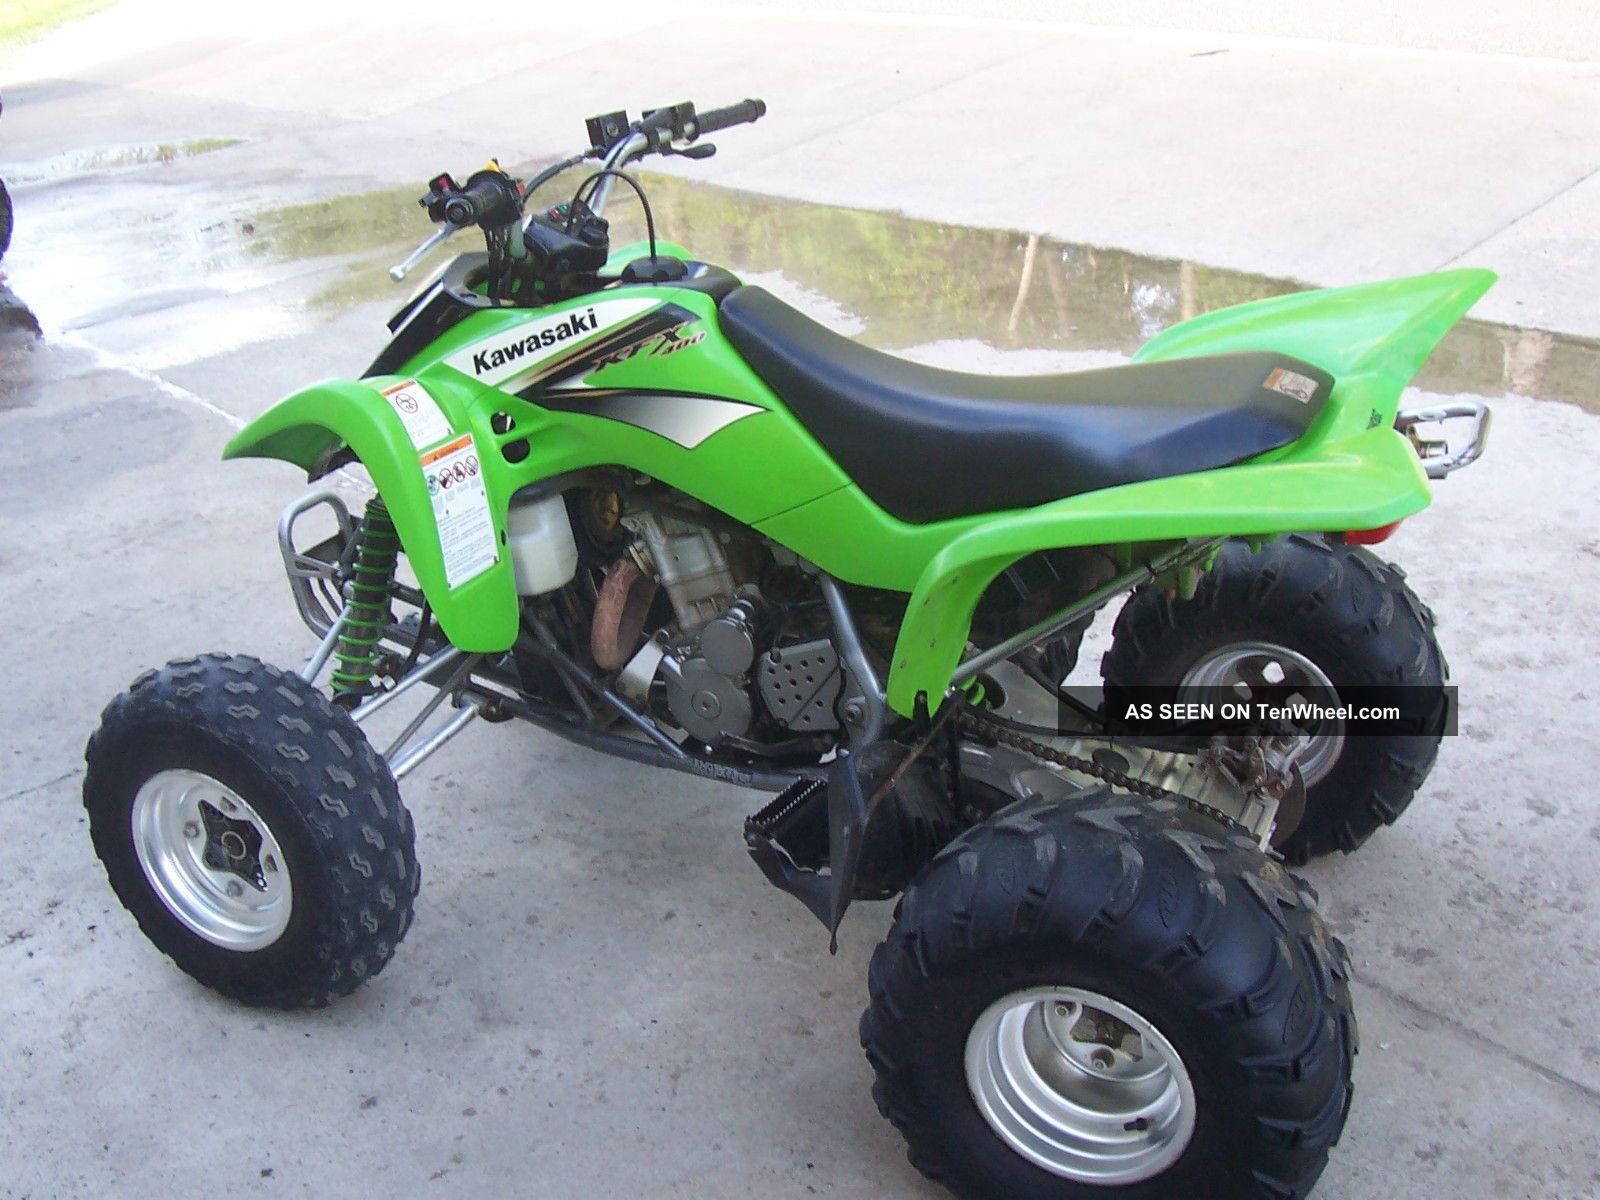 2004 Kawasaki Kawasaki photo